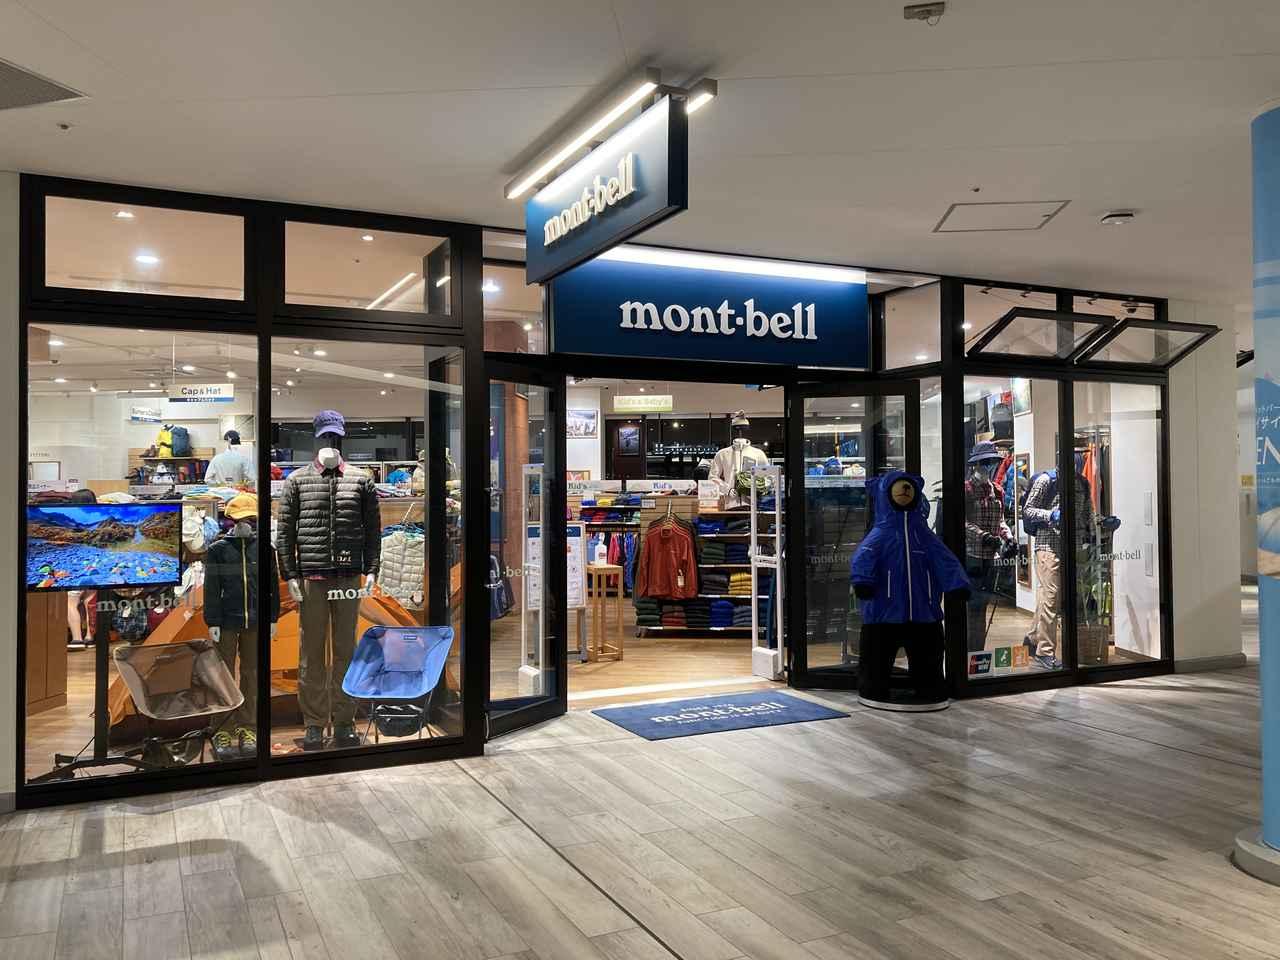 画像: フロアの角にあり他店舗よりも売り場面積が大きくかなり広々とした店内 (筆者撮影)